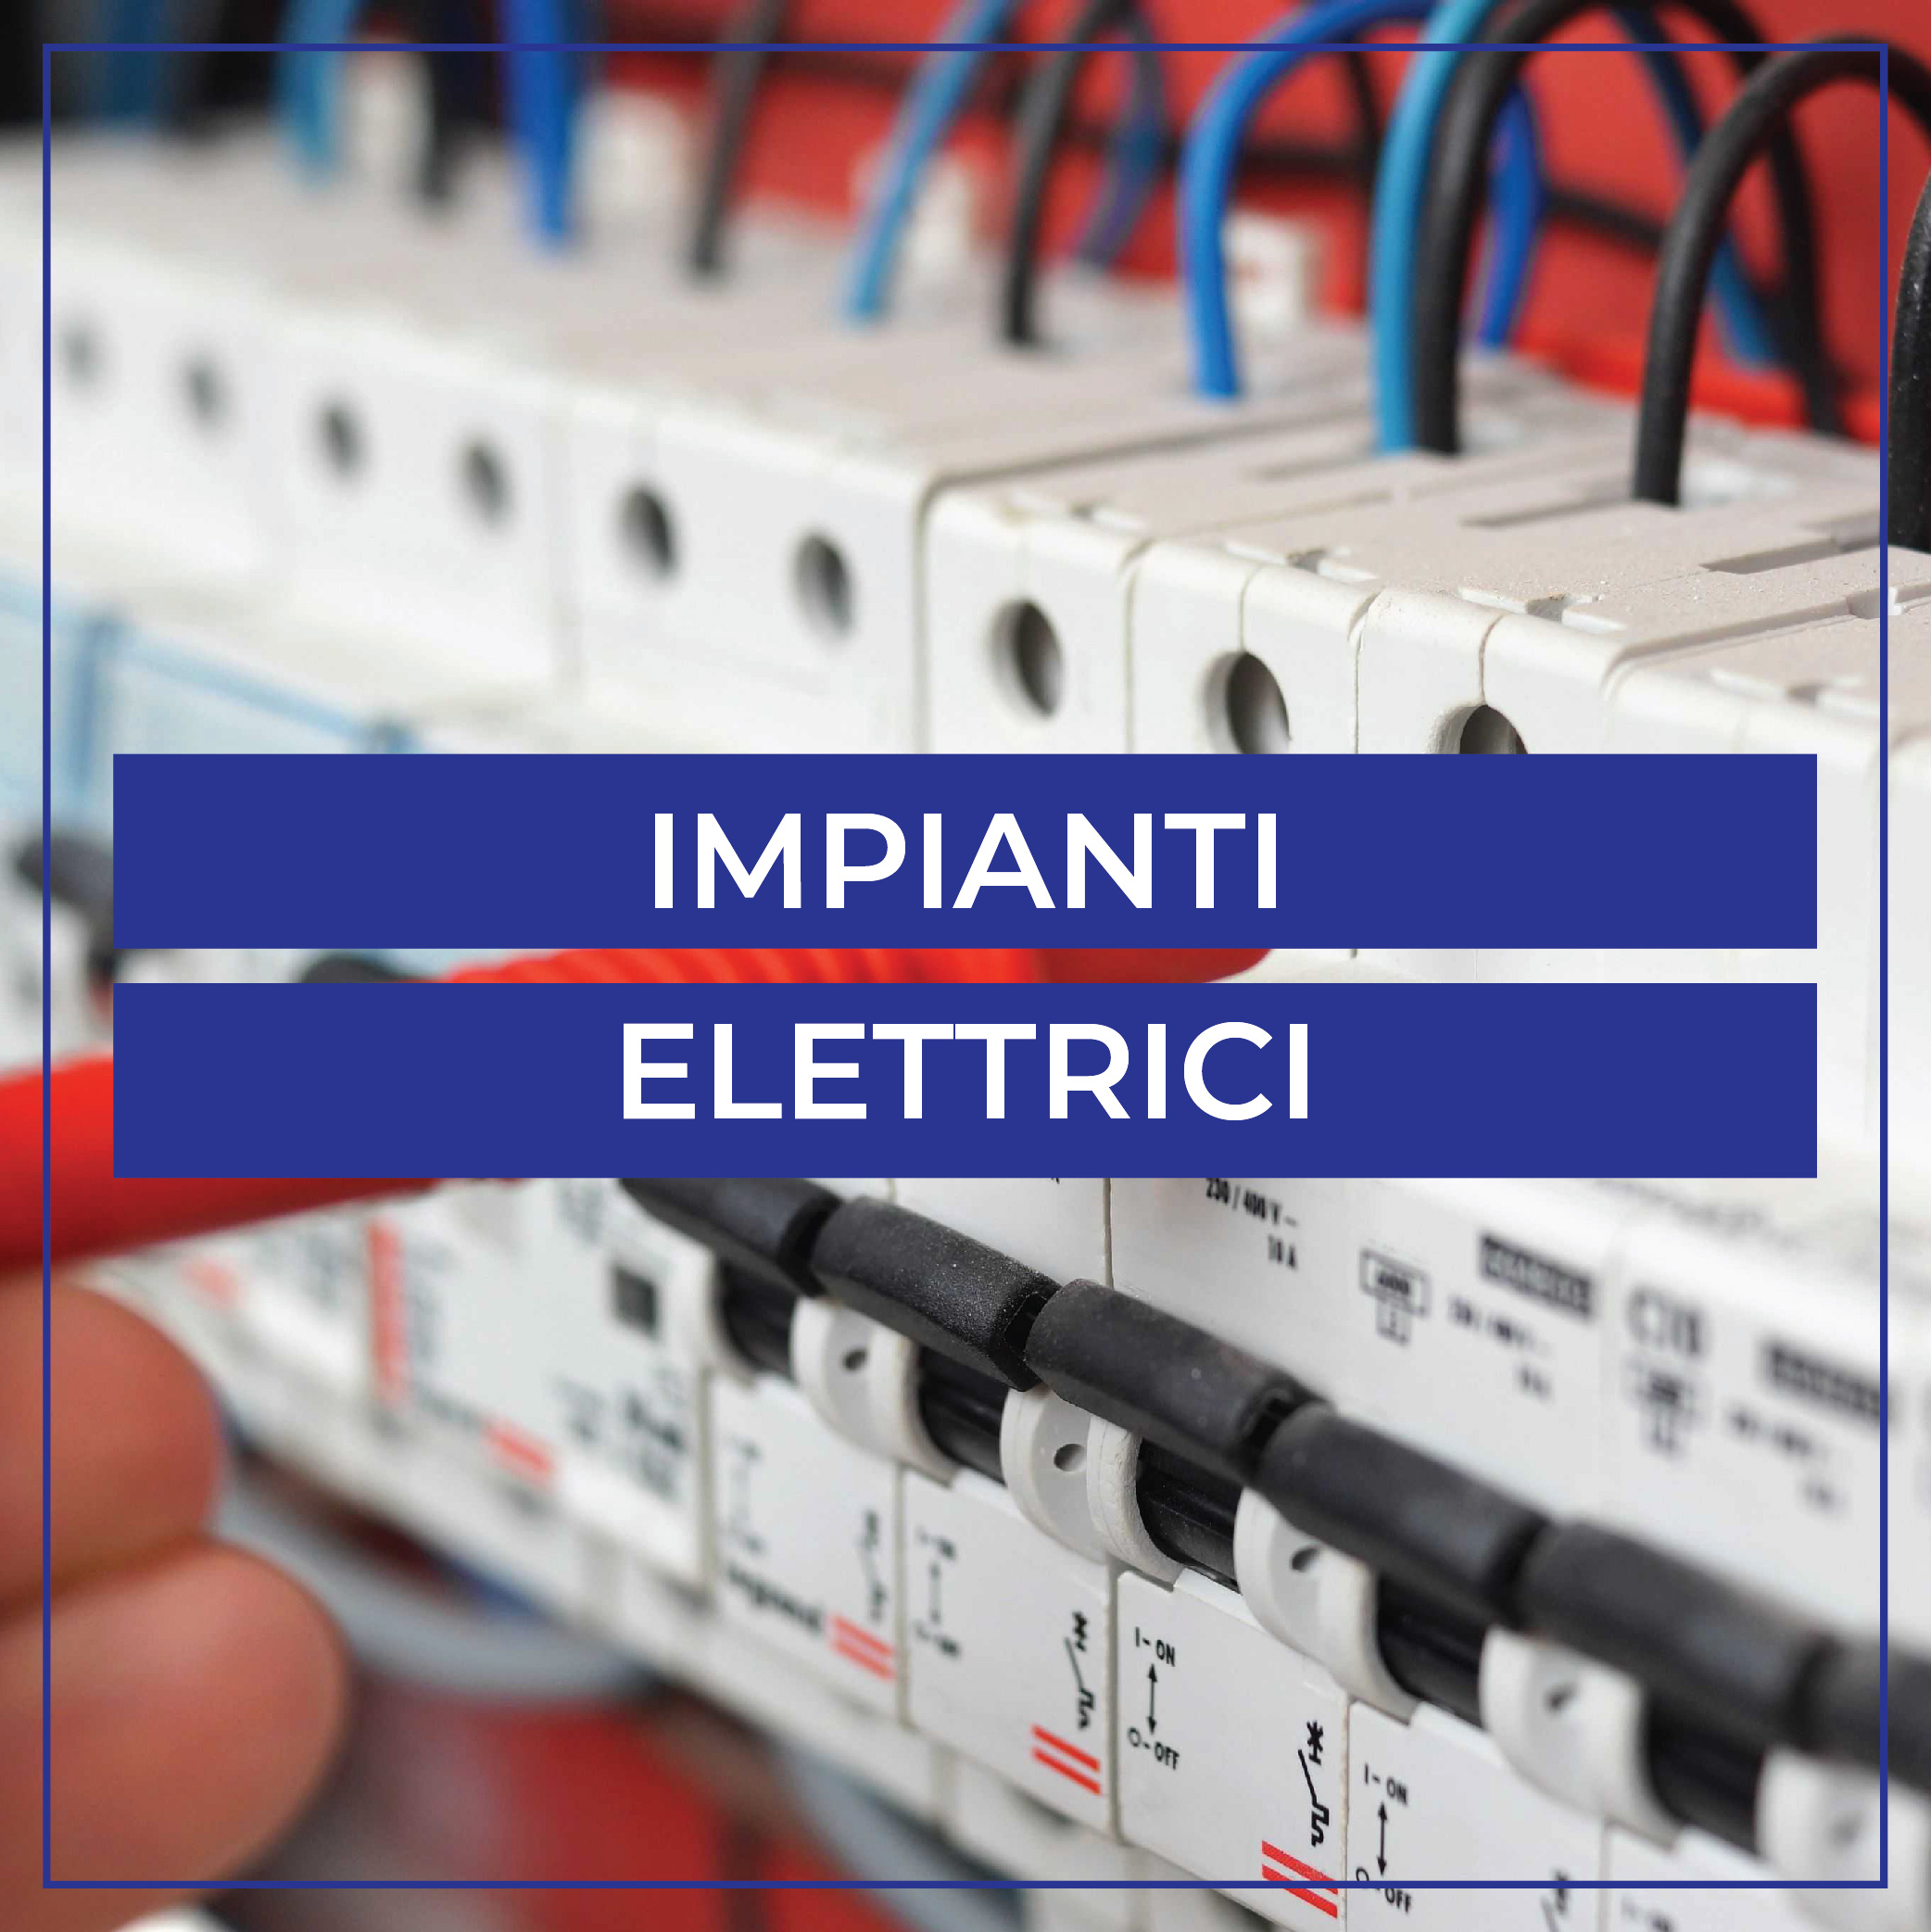 Servizi sirp impianti elettrici